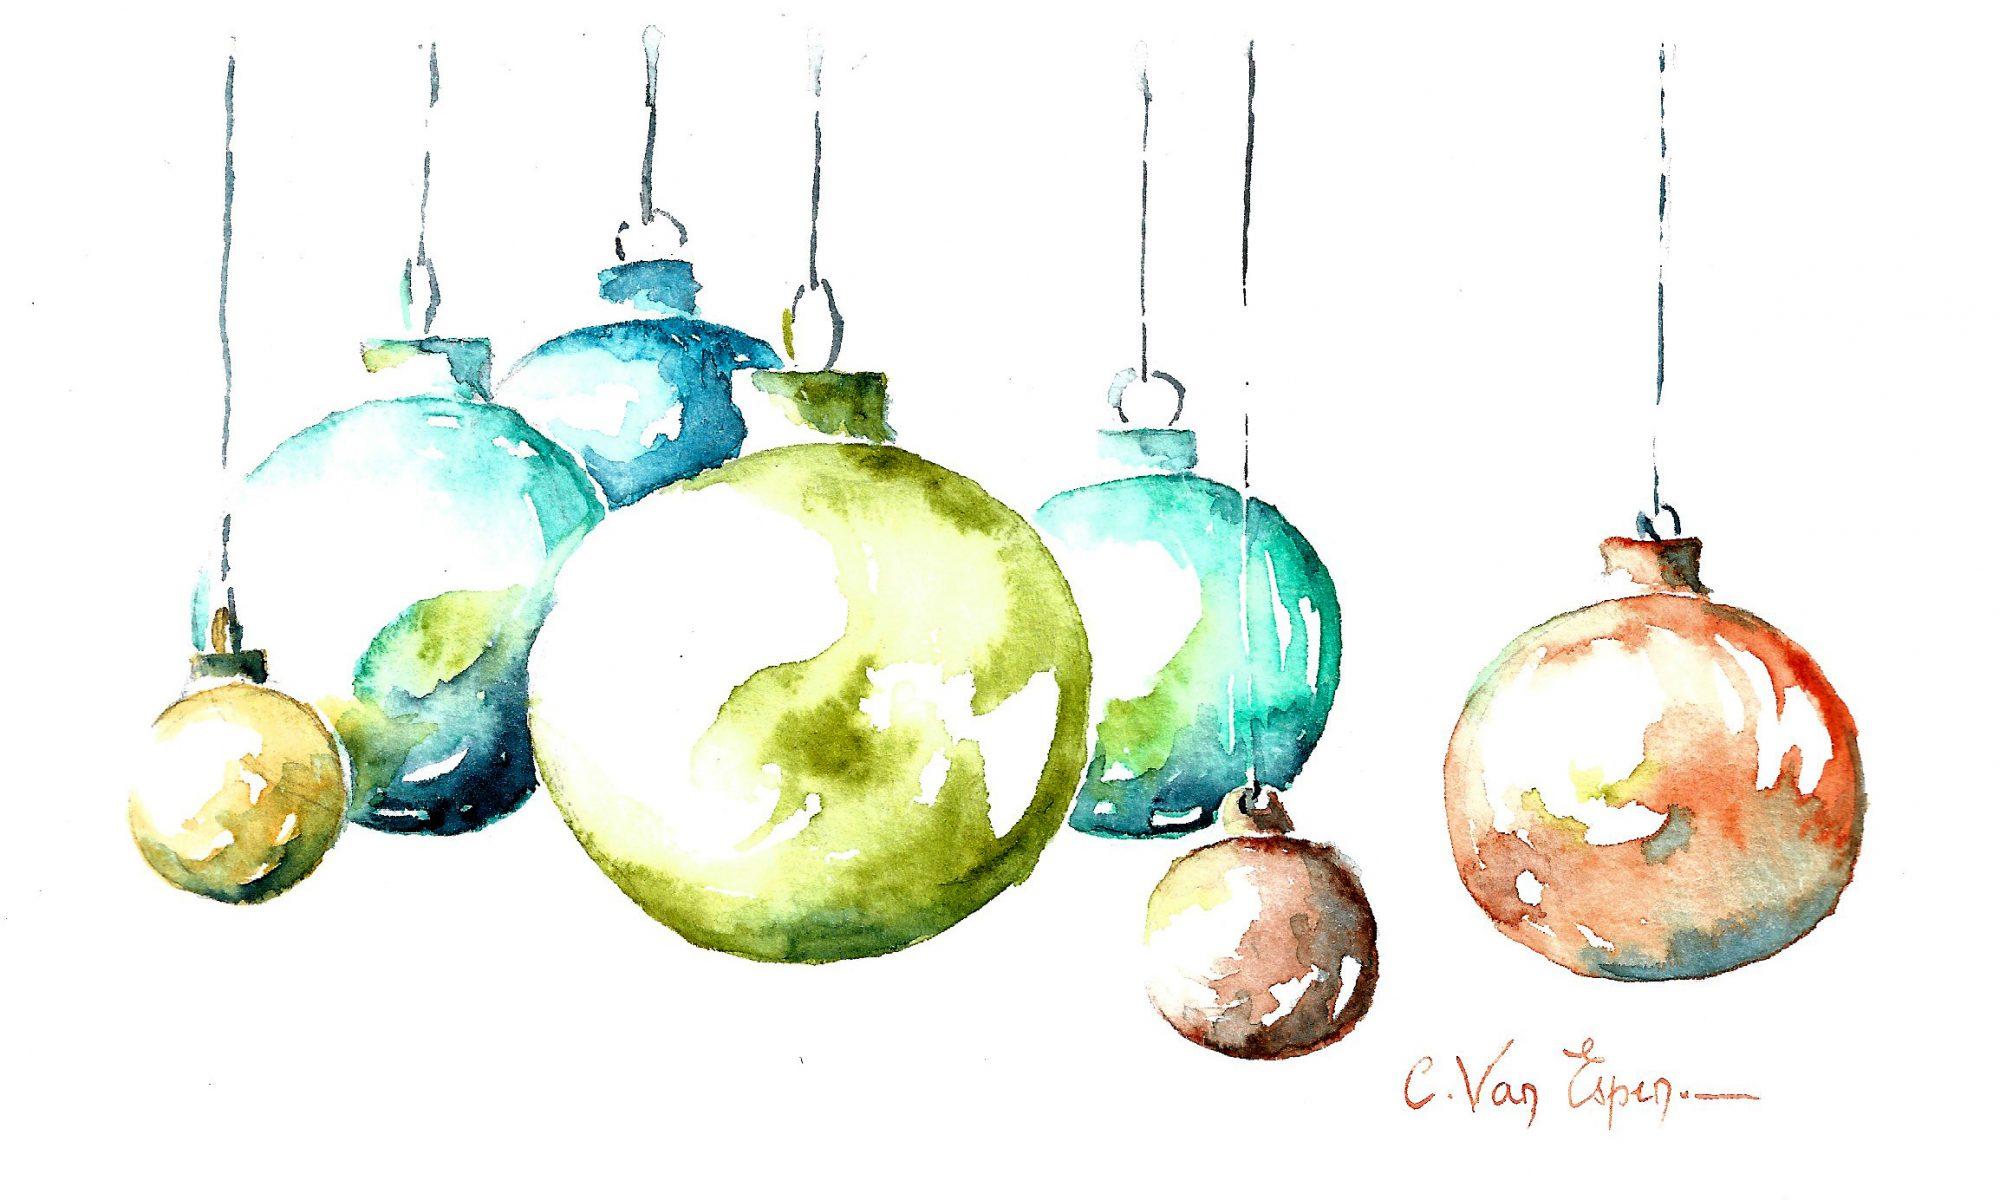 A l'aquarelle, une série de boules de Noël suspendues : celle de premier plan est vert olive légèrement décentrée sur la gauche. Derrière, des boules plus petites dans les tonalités de bleu vif et de sienne et orangé